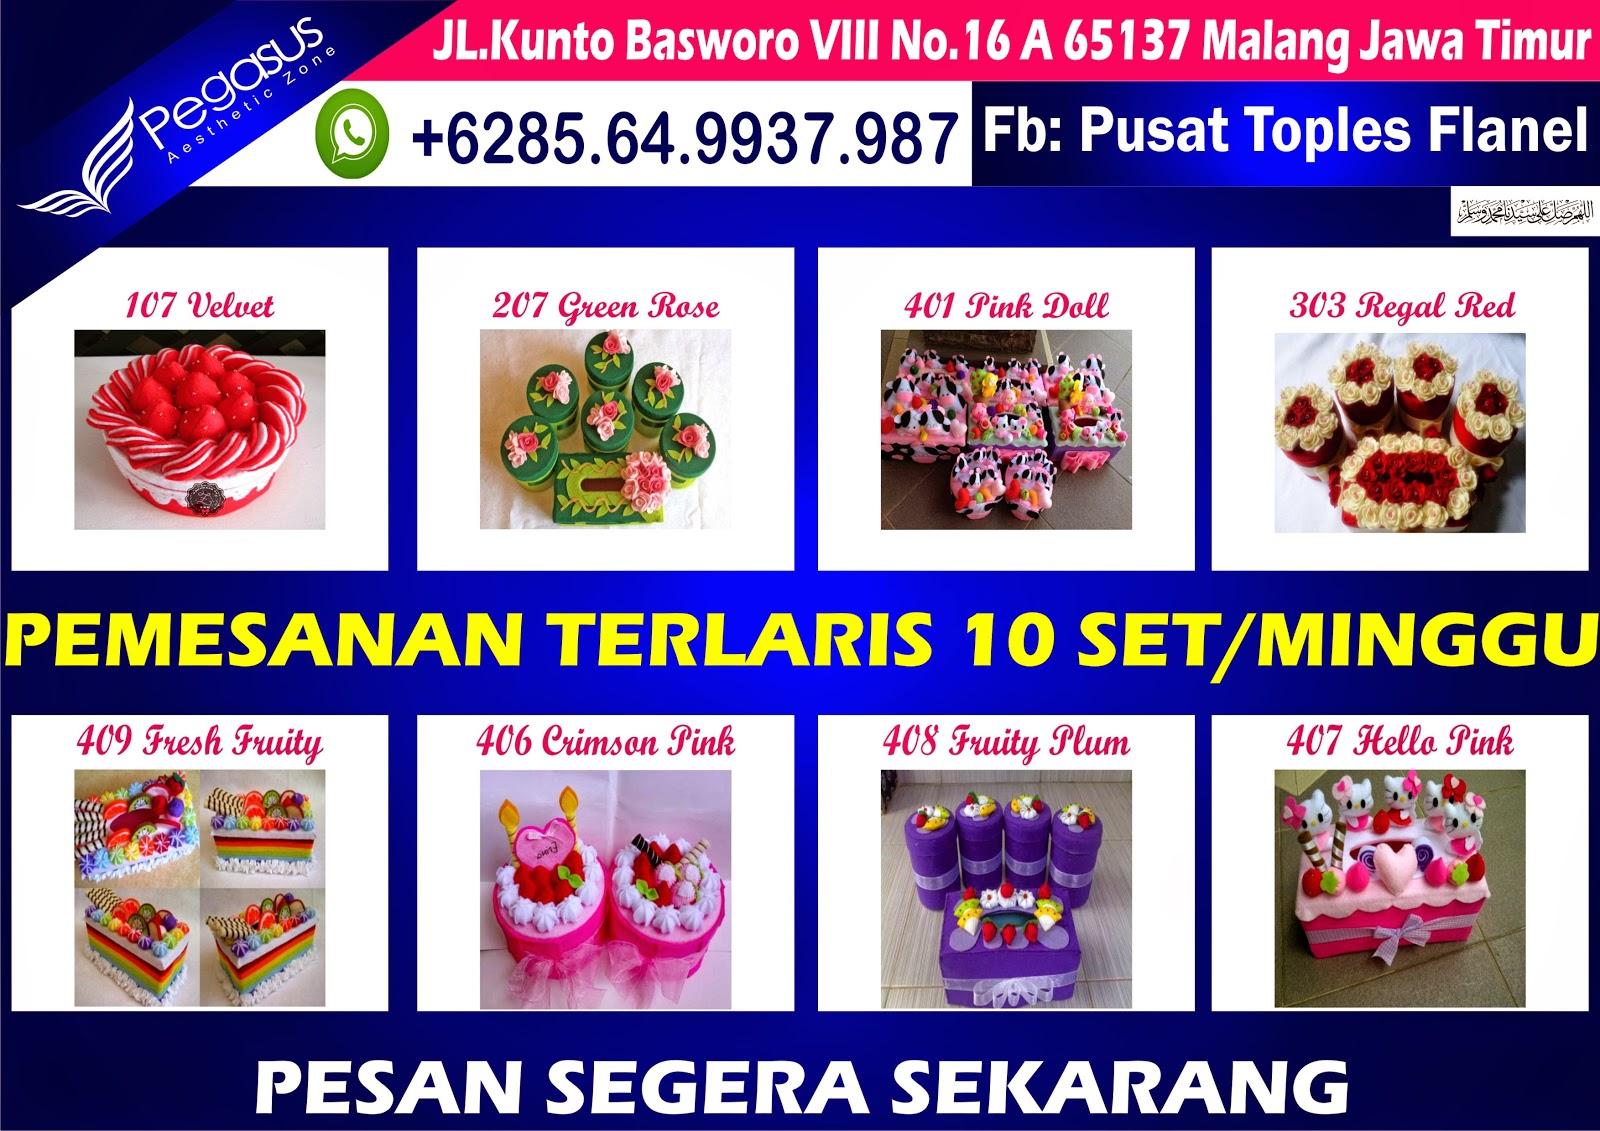 Toples Flanel Murah, Souvenir Pernikahan Unik, Souvenir Pernikahan Surabaya, +62.8564.993.7987